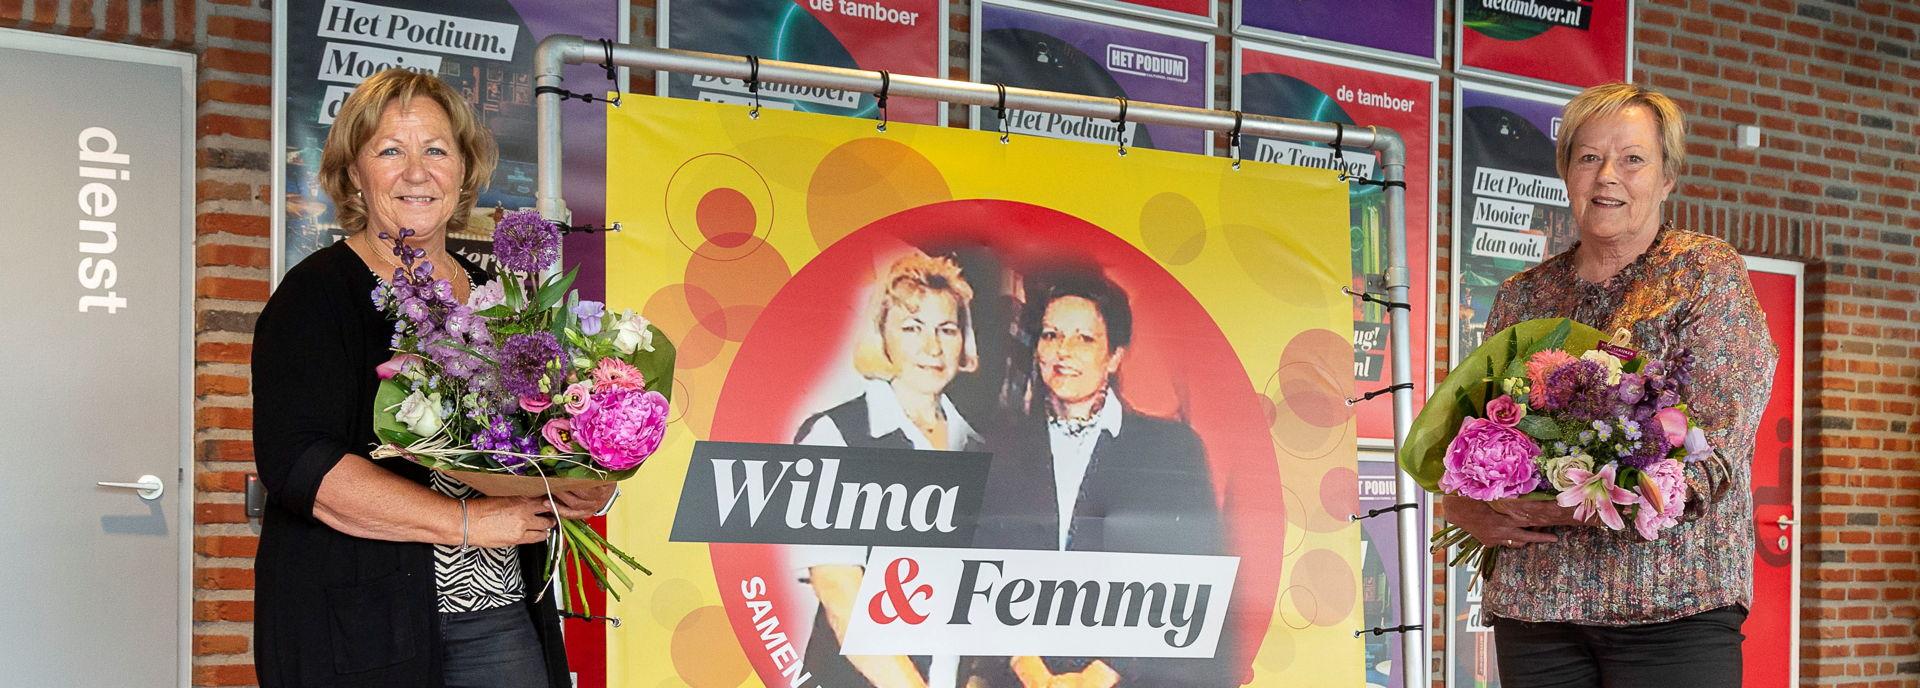 Wilma en Femmy - foto door André Weima